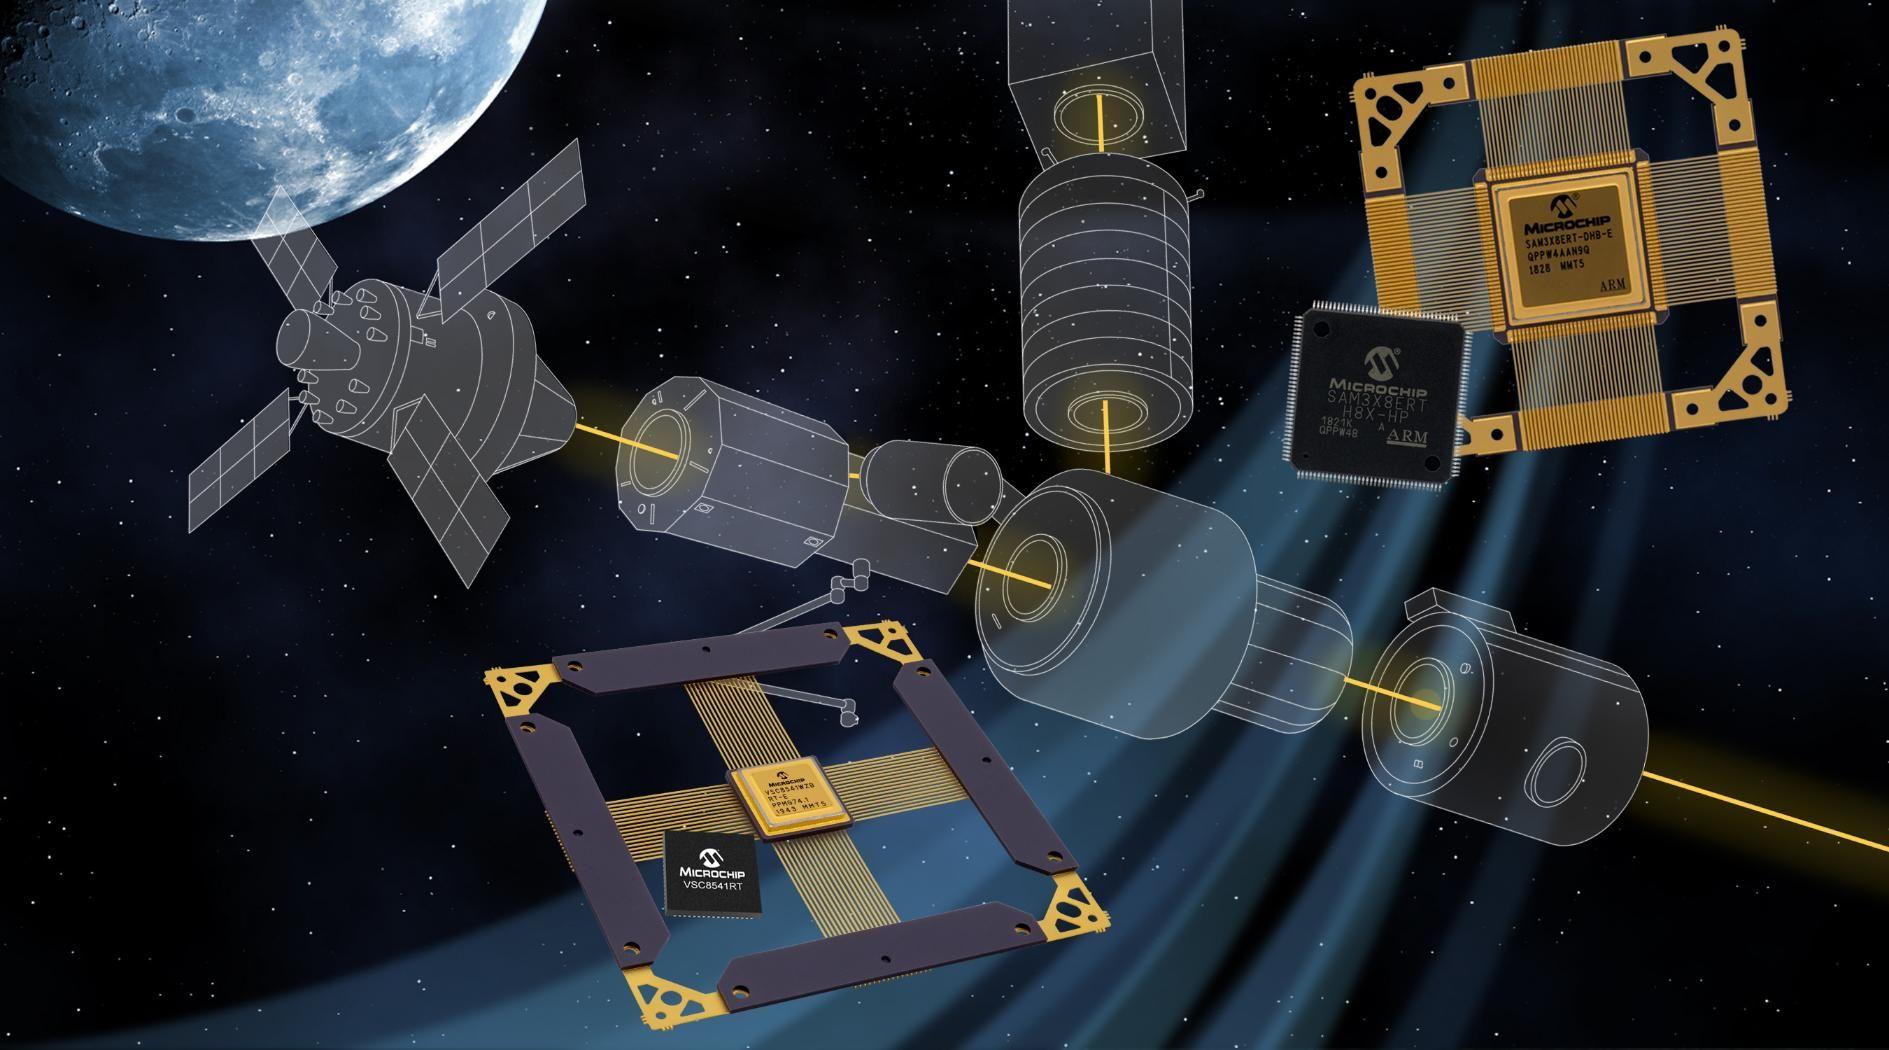 Microchip 發布業界首款宇航級基于 COTS 的耐輻射以太網收發器和嵌入式單片機